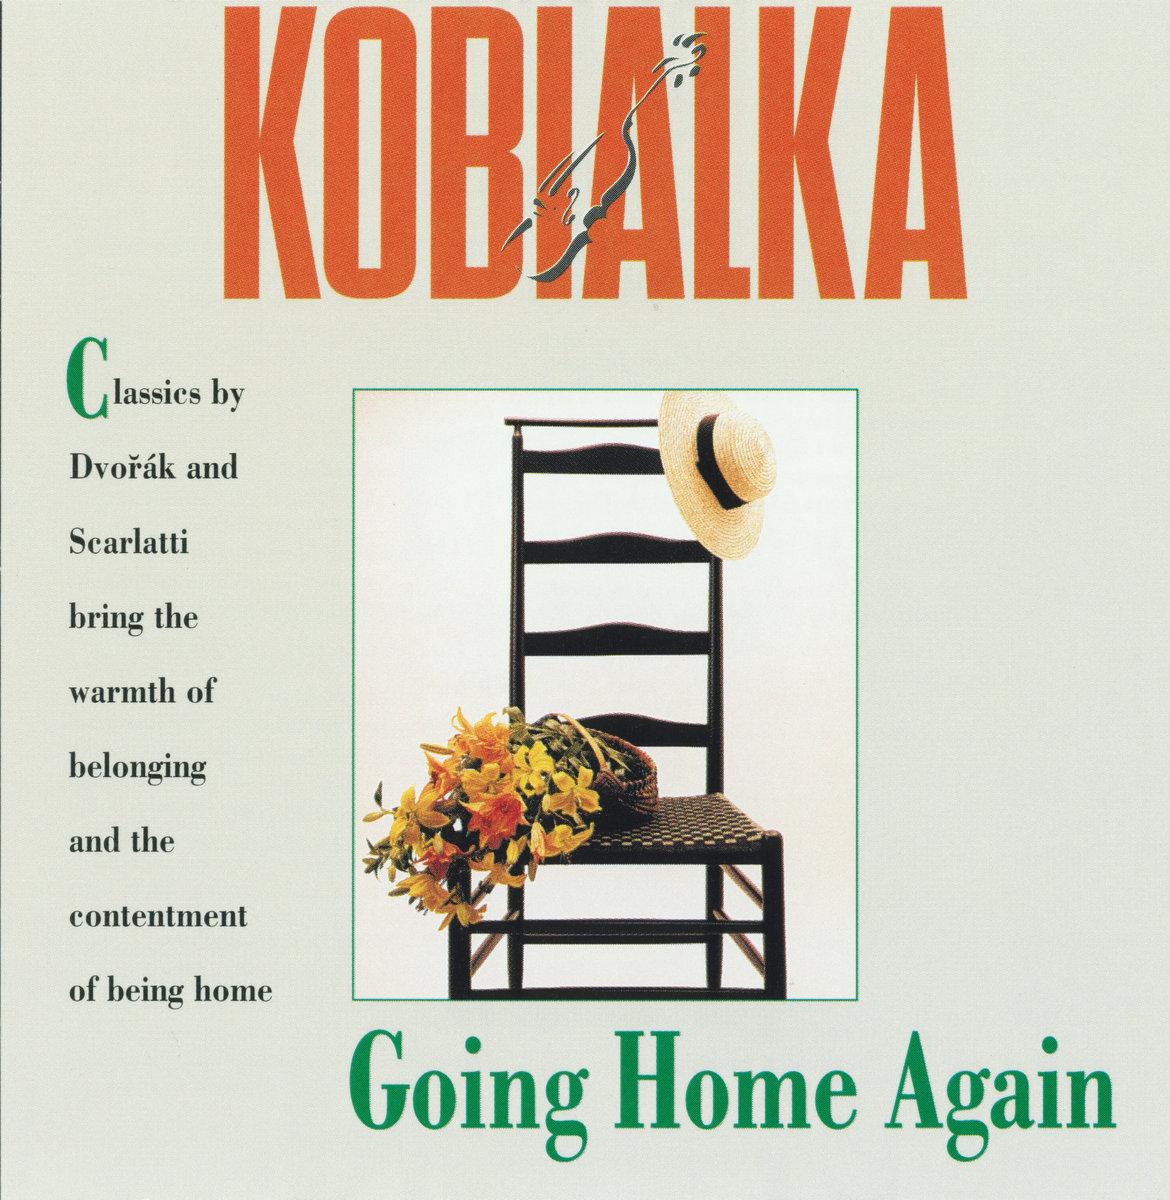 Going Home Again Daniel Kobialka